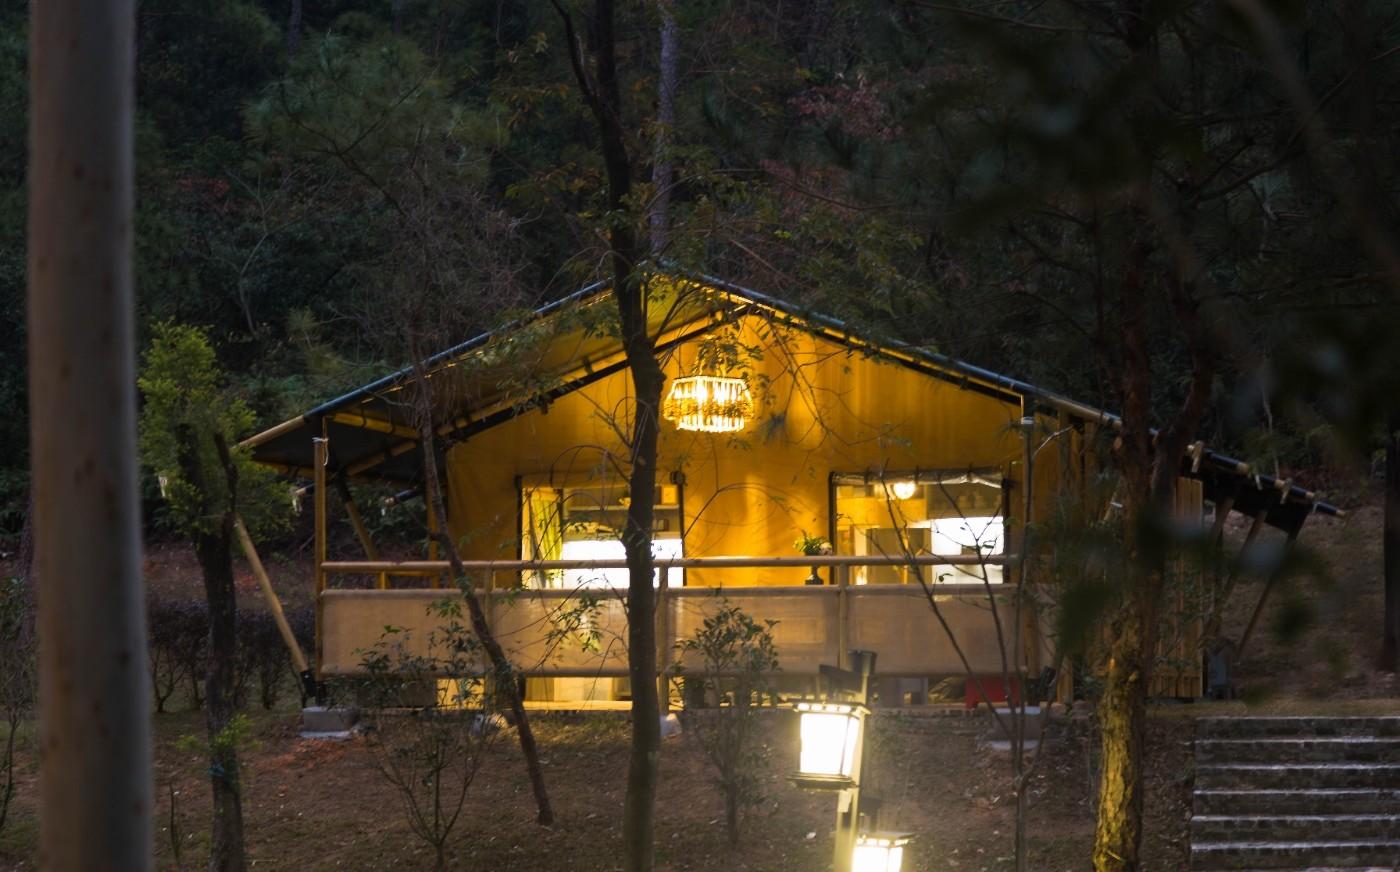 喜马拉雅野奢帐篷酒店—广州北迹露营平地帐篷酒店12